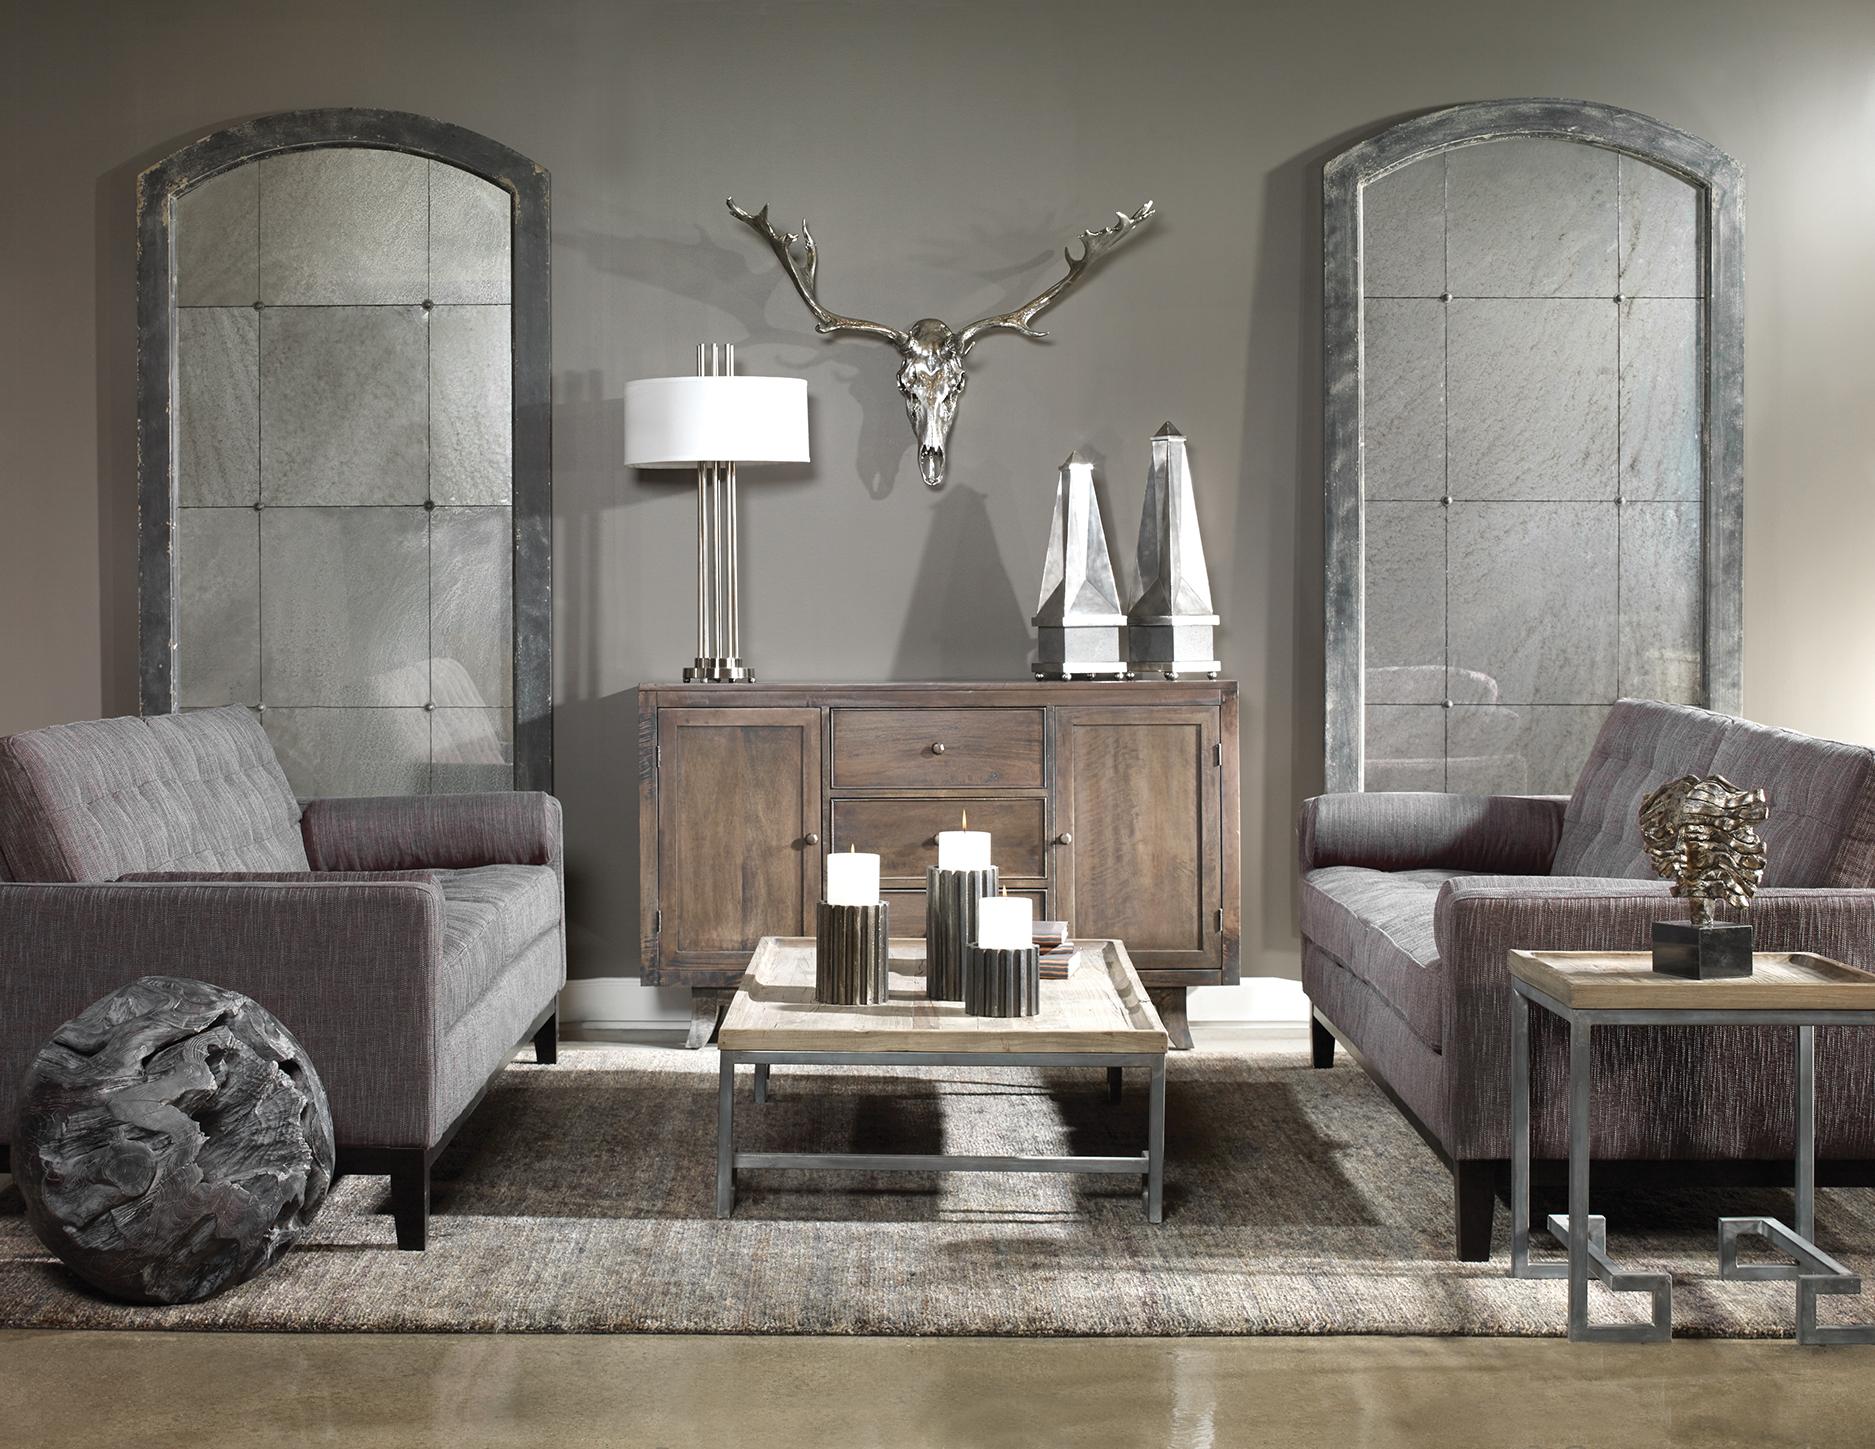 Furniture & Accessories